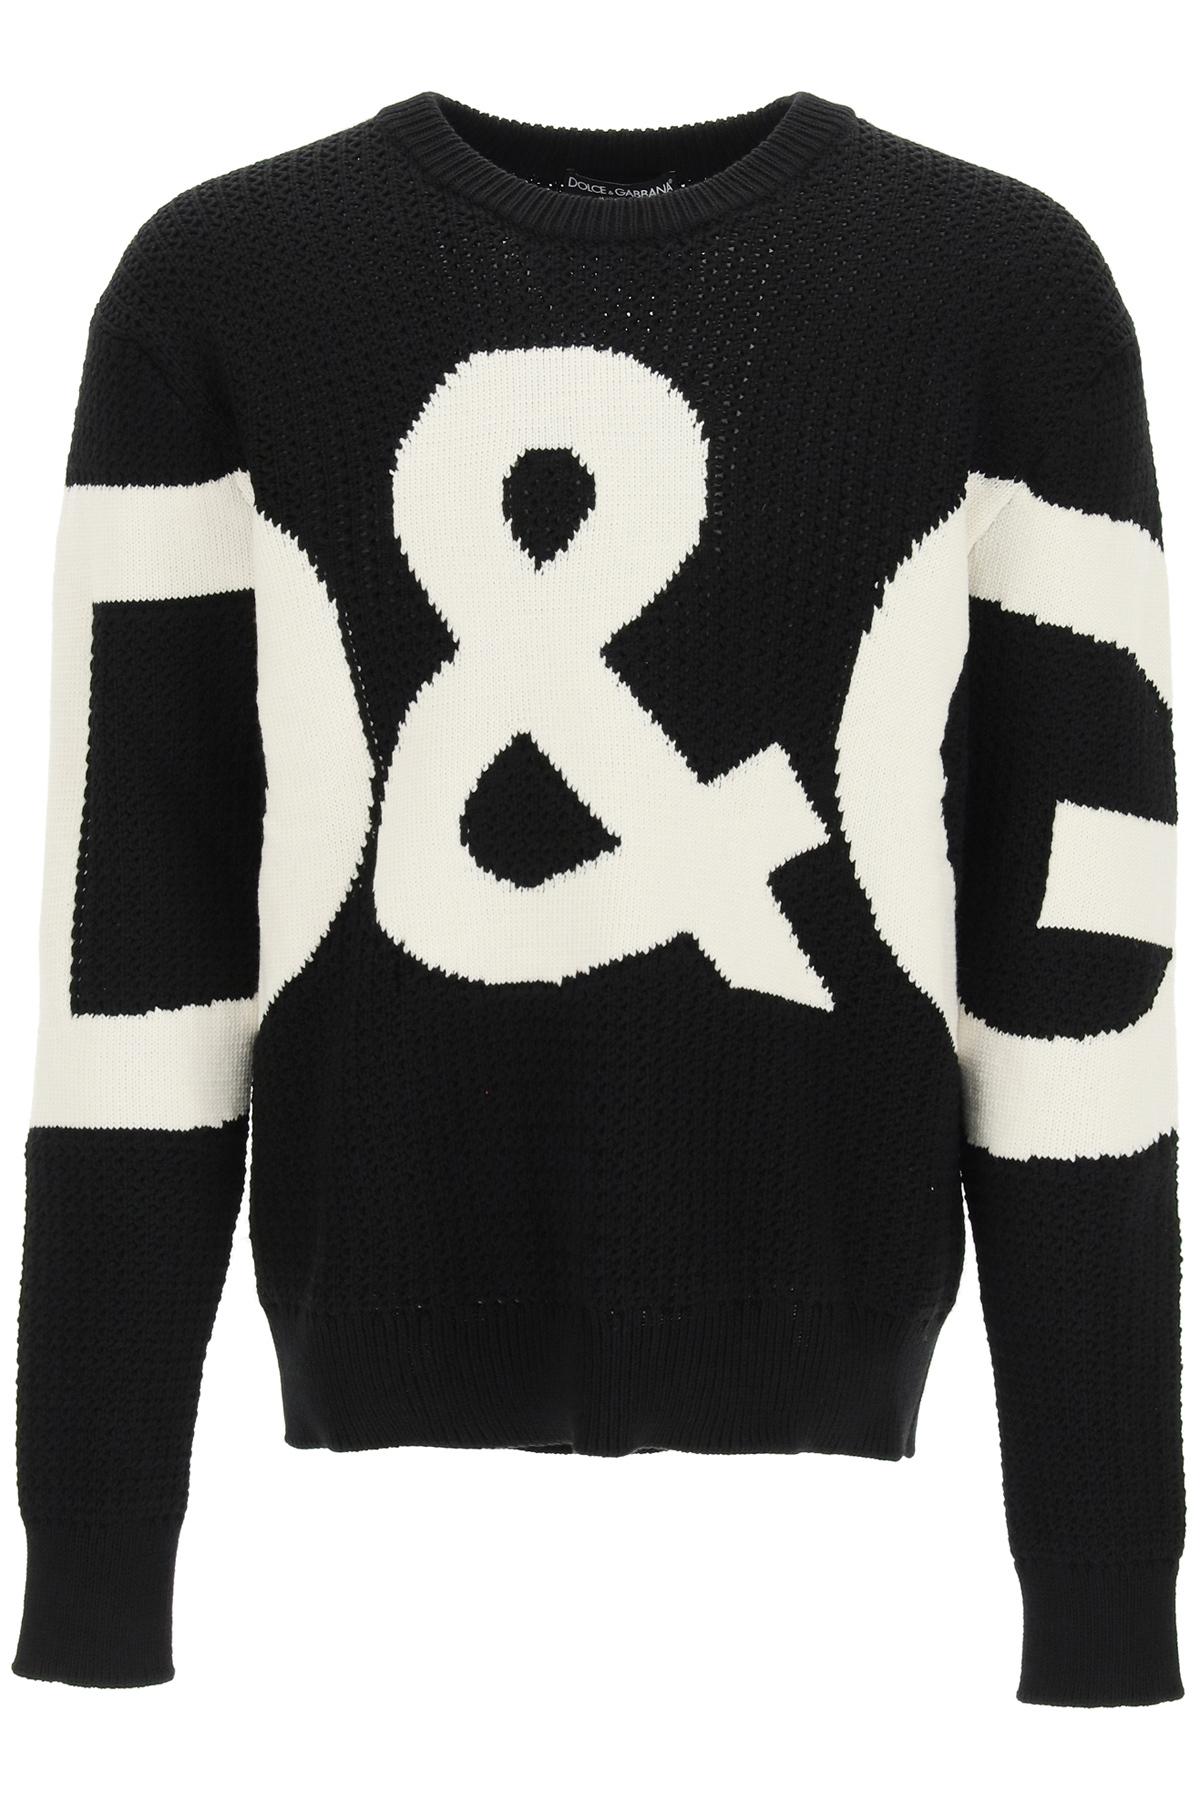 Dolce & gabbana maglione girocollo